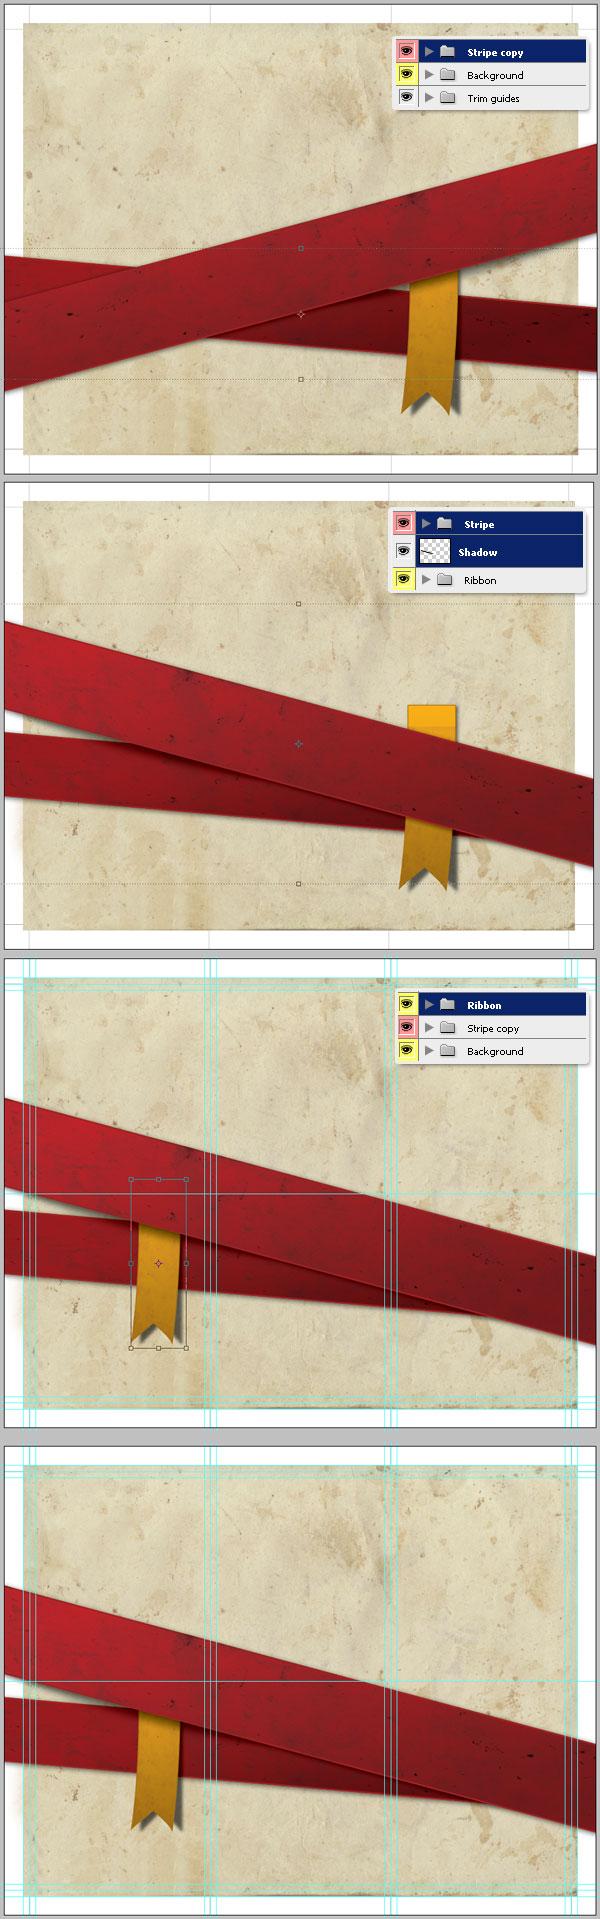 how do you flip a document horizontal